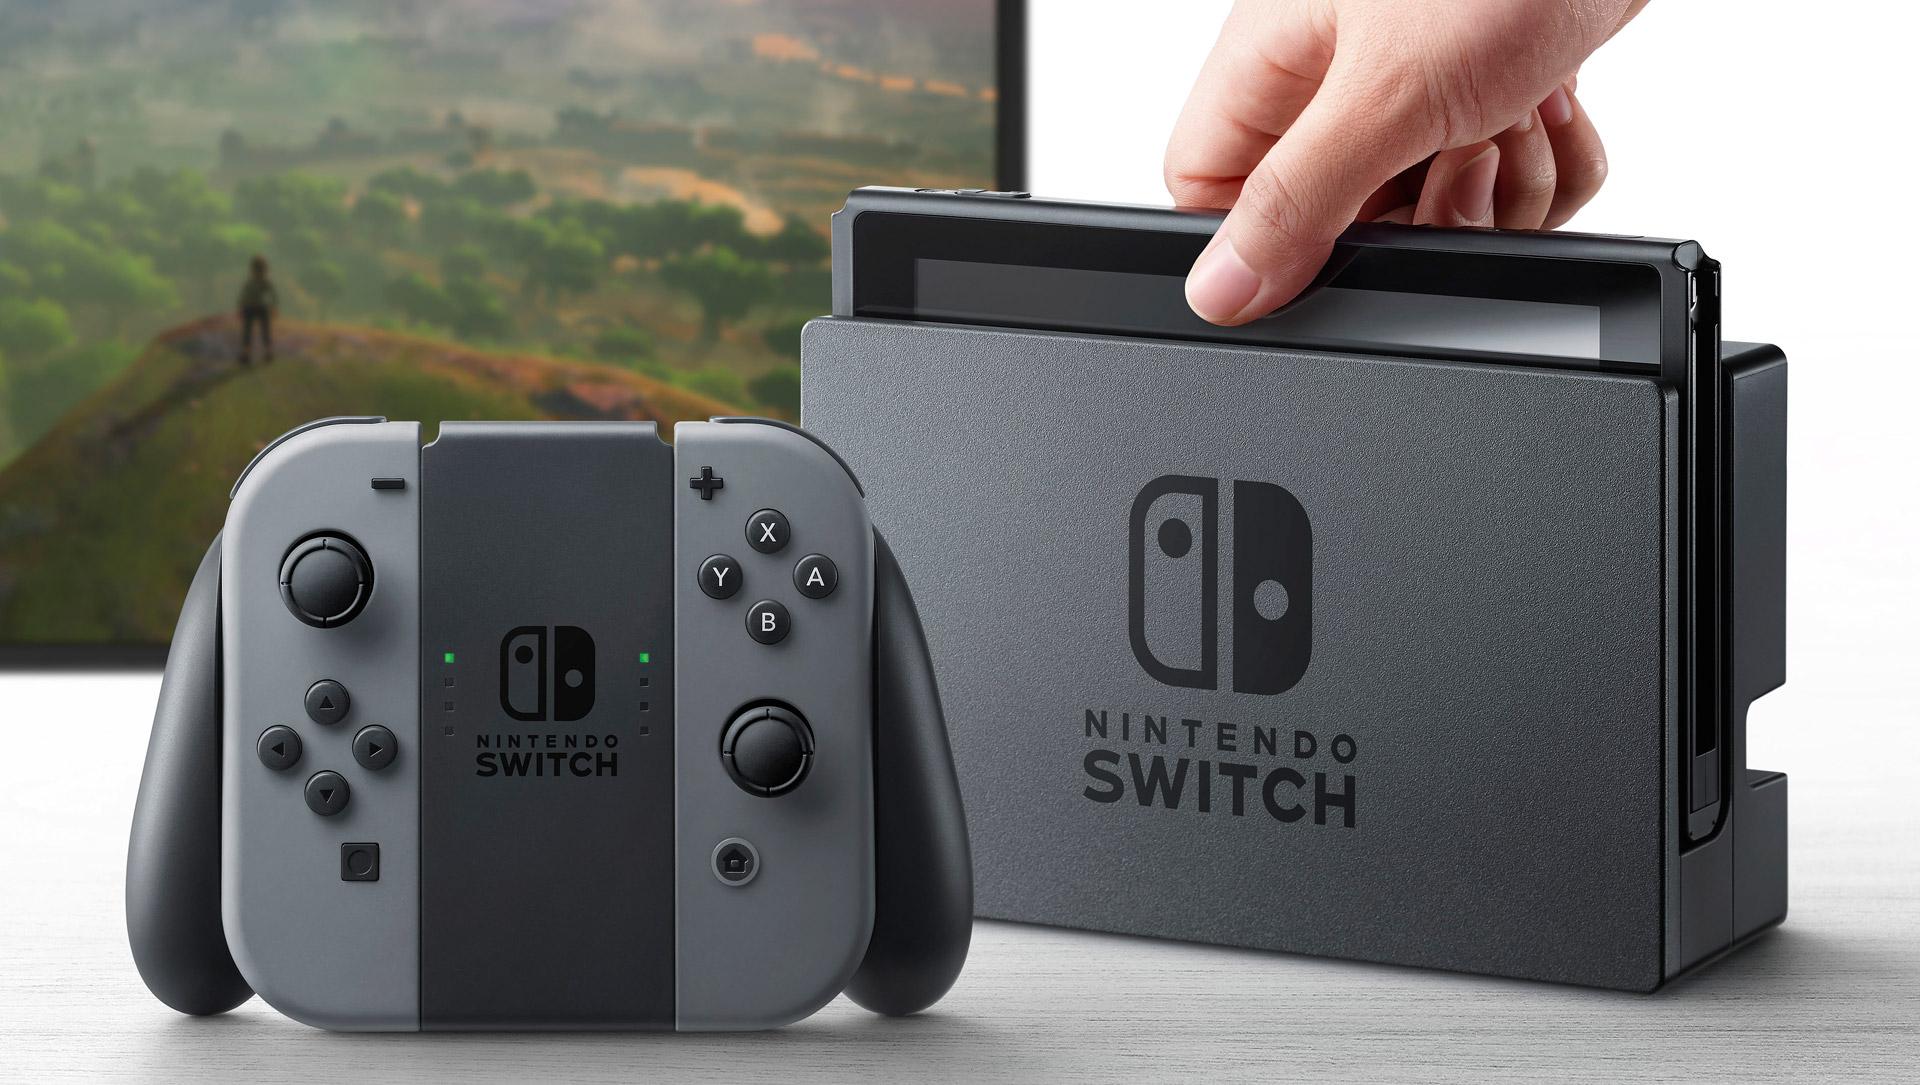 Nintendo Swich Precio